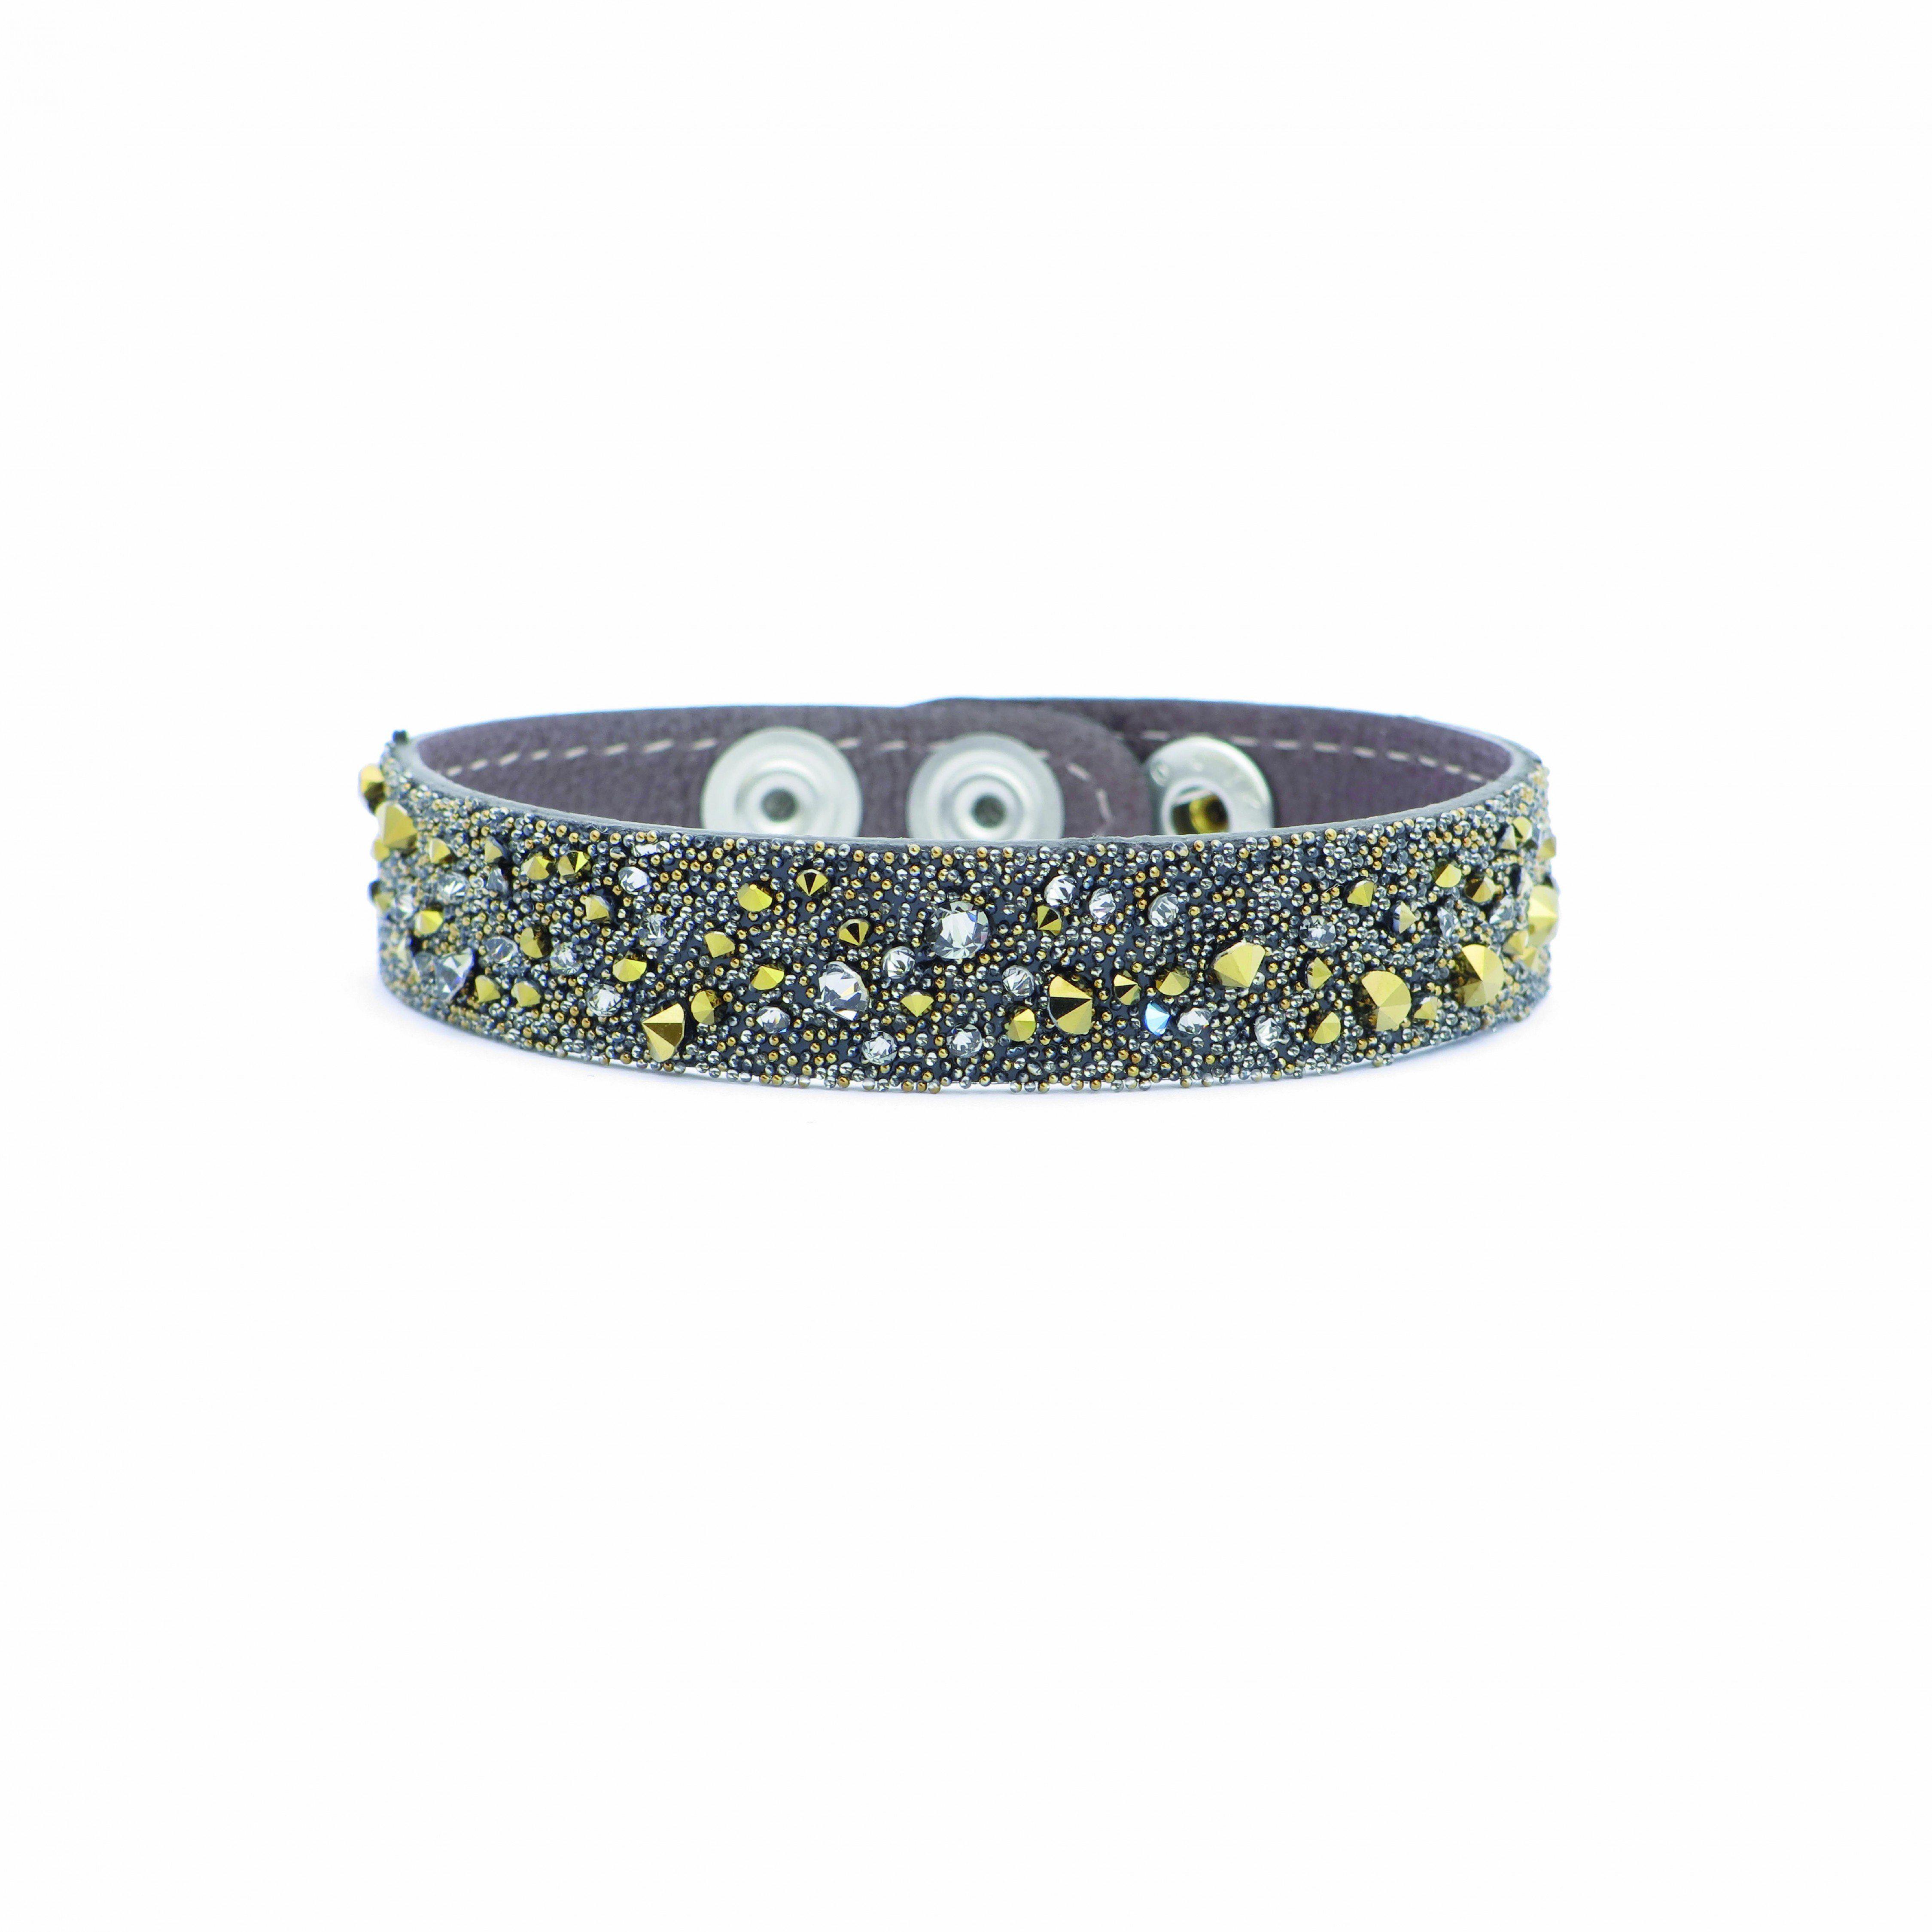 LOVING CRYSTAL Leder-Armband mit Glitzerstein-Verzierung Preisvergleich